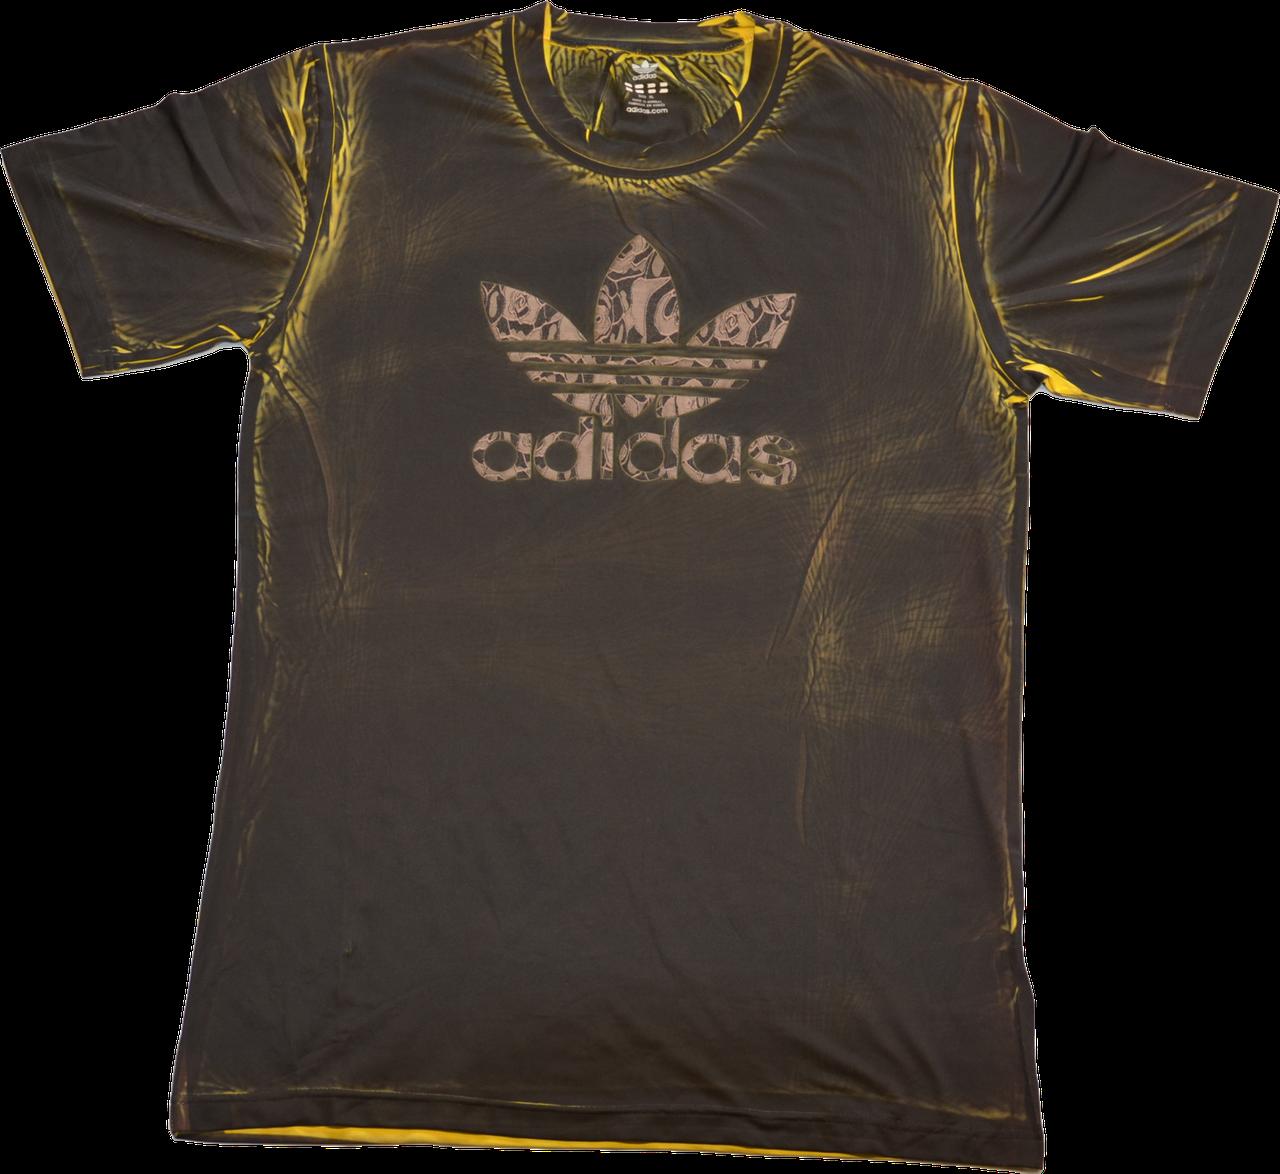 Мужская спортивная футболка Adidas.